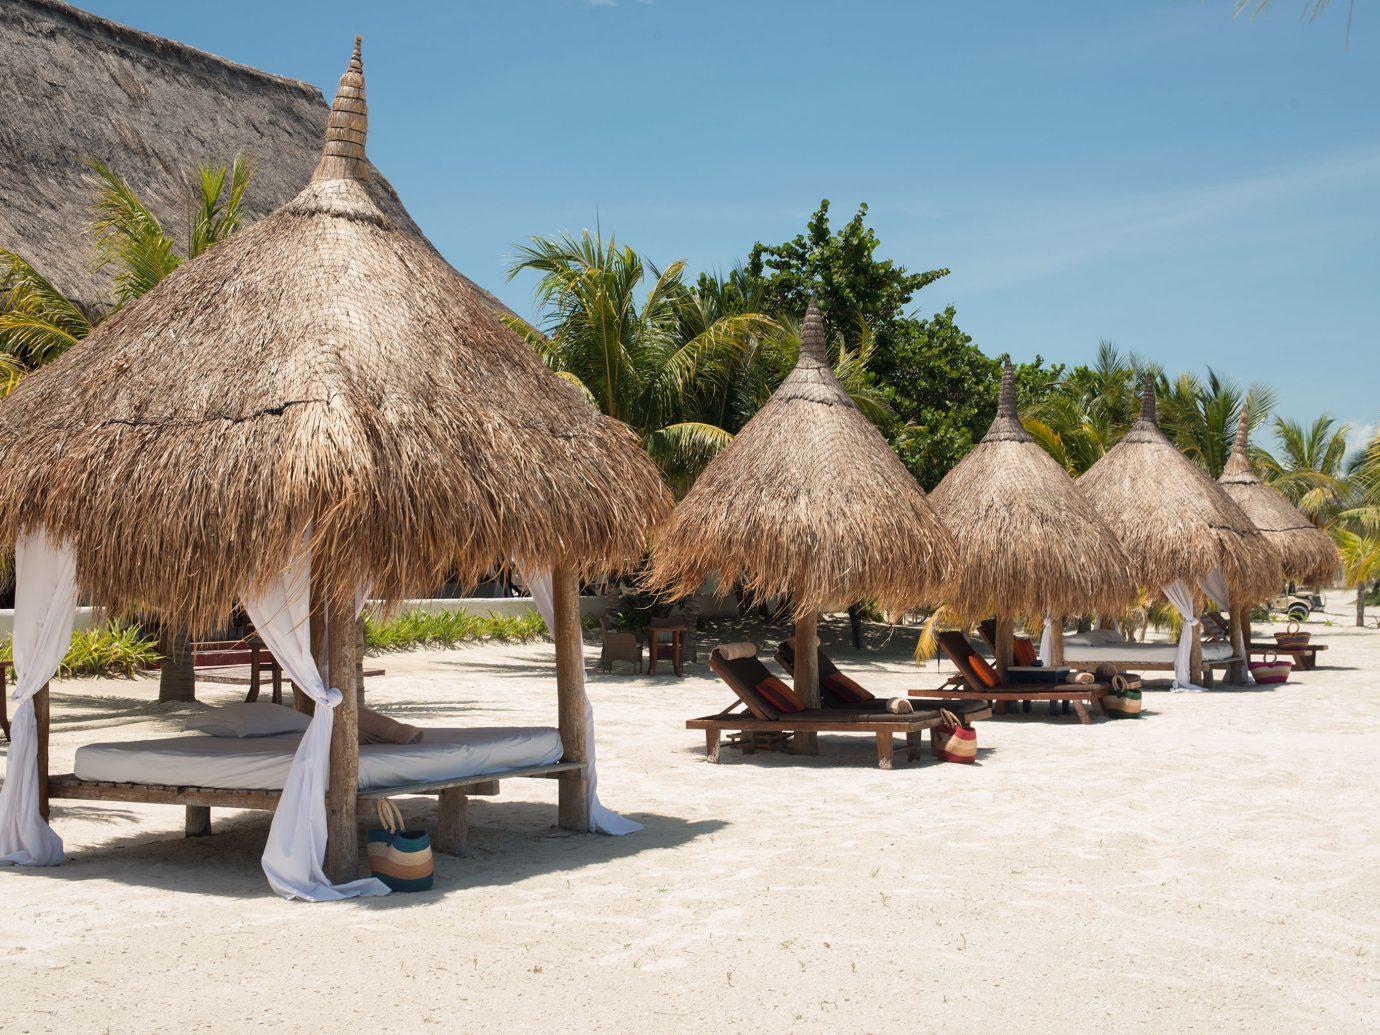 Beach Beachfront Secret Getaways Trip Ideas outdoor sky tree vacation Resort tourism arecales hut restaurant Village travel day